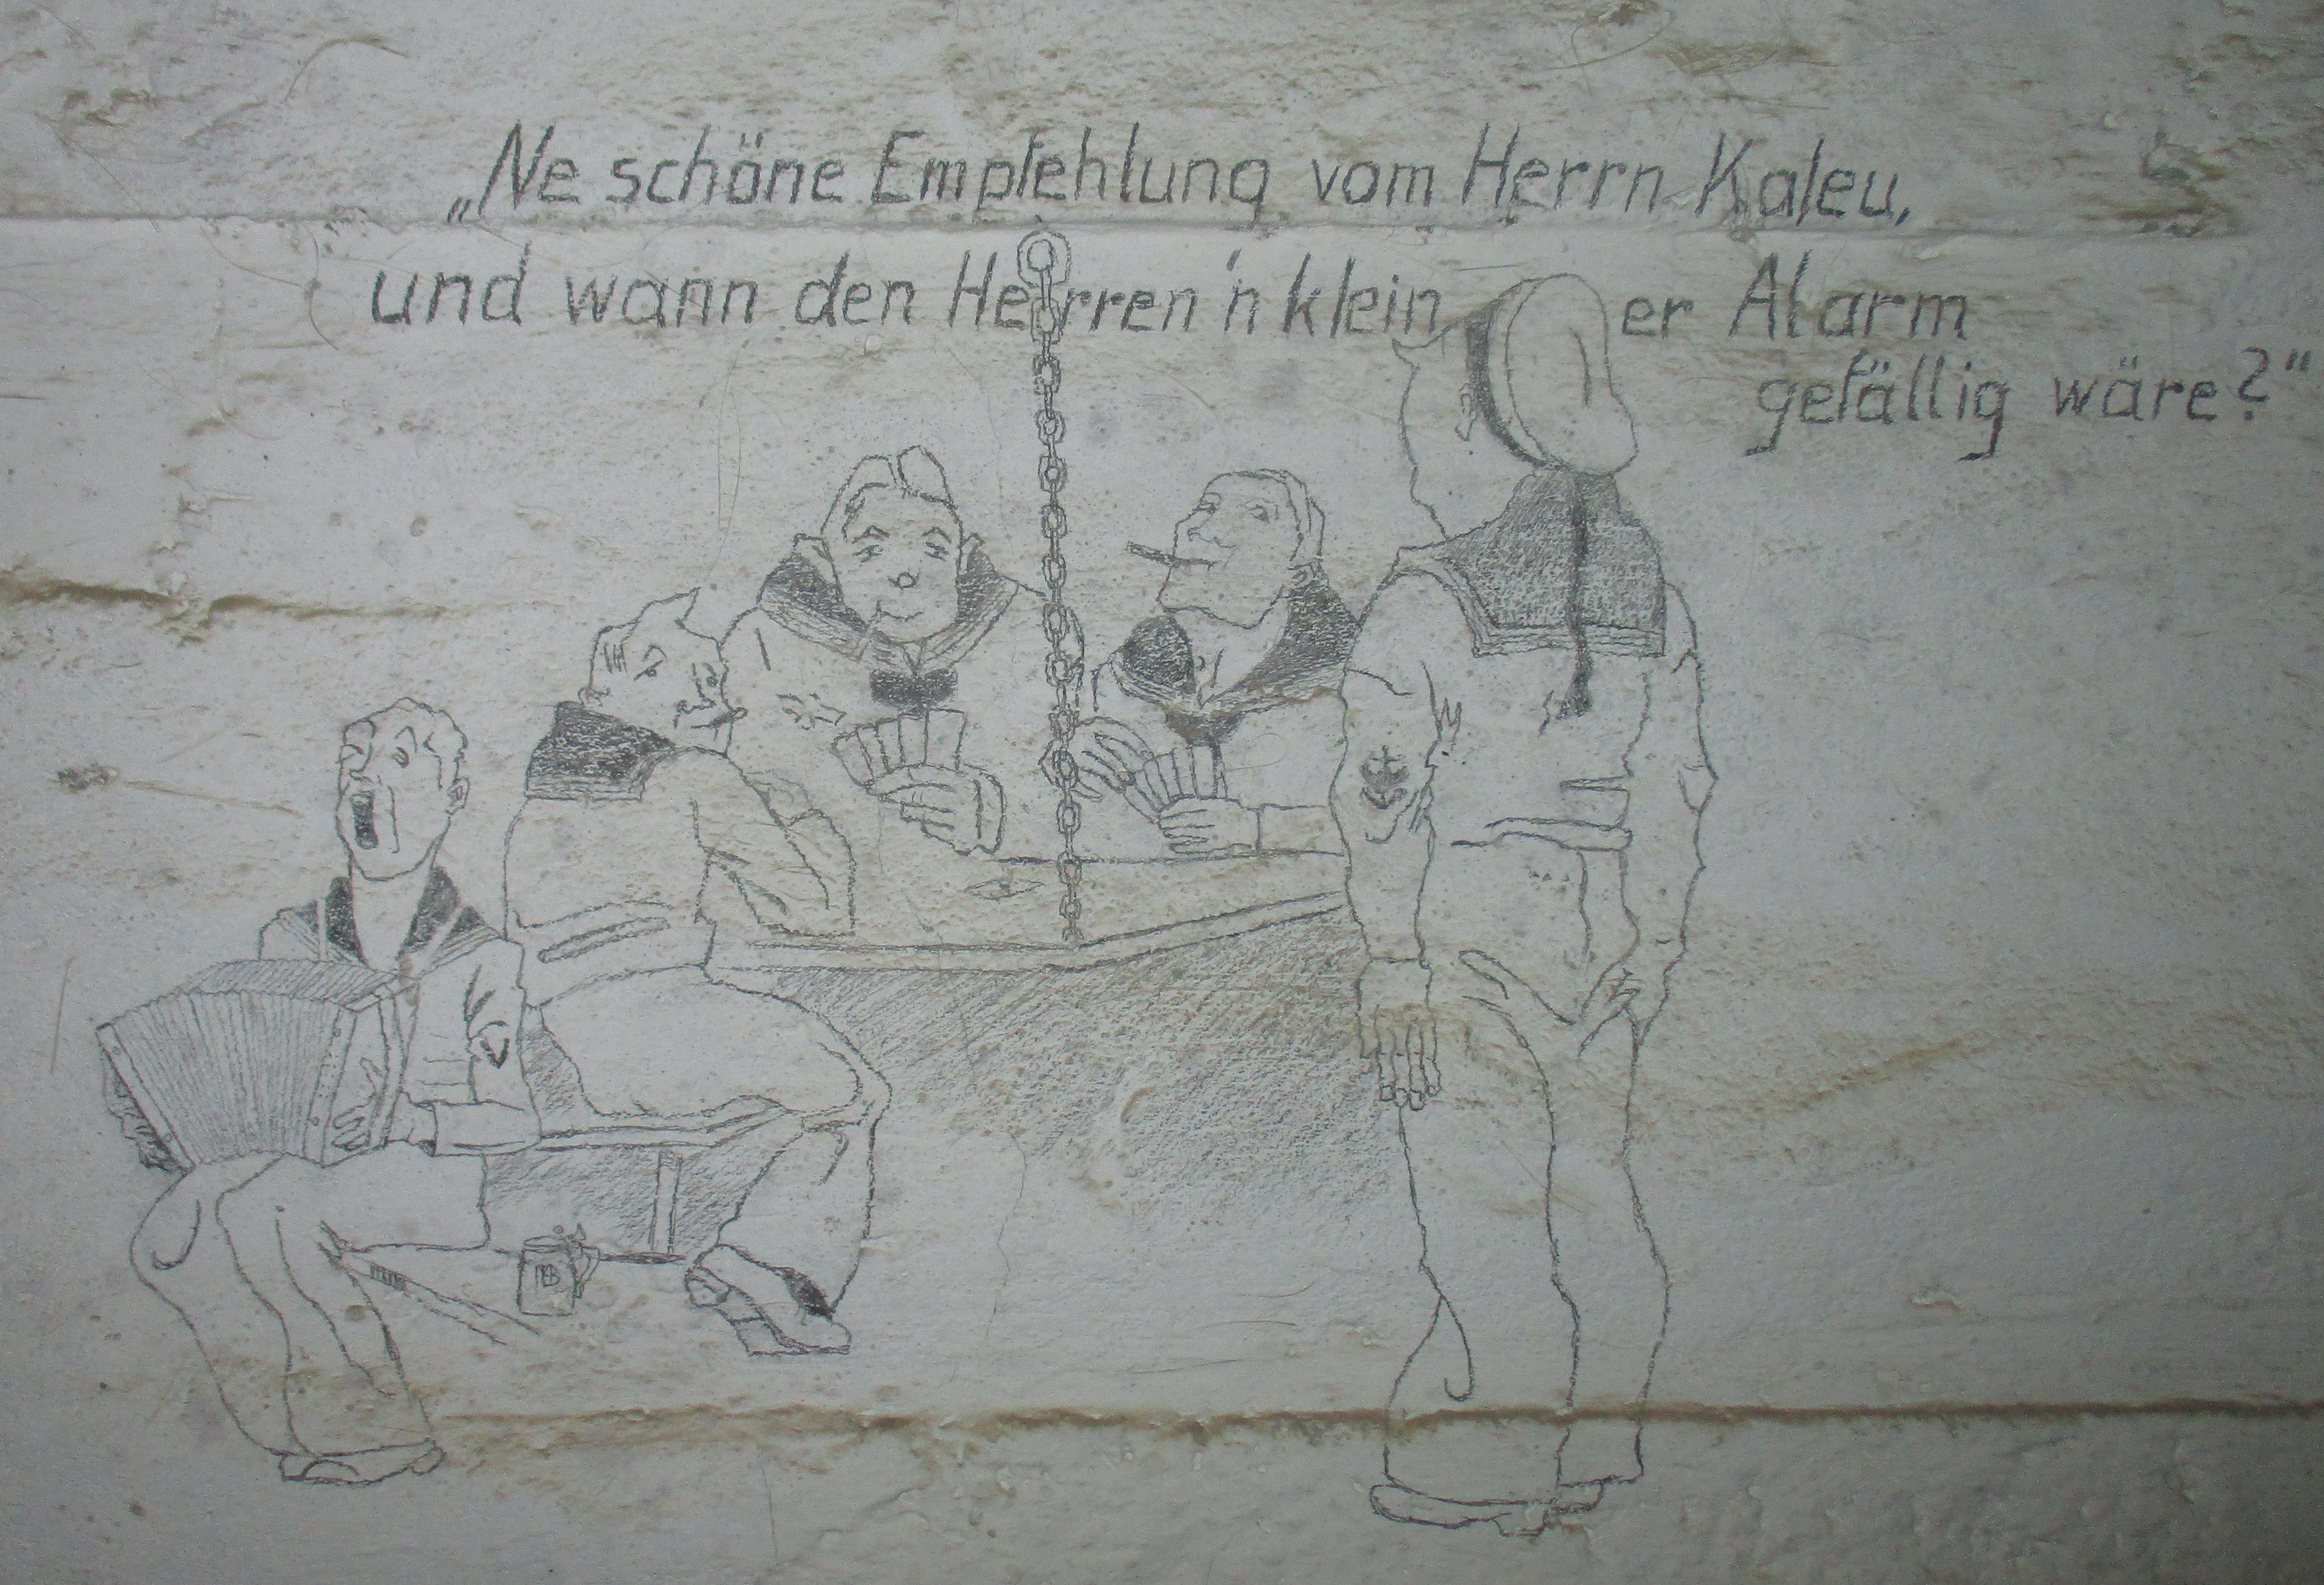 Γελοιογραφία σε τοίχο, φιλοτεχνημένη από γερμανό ναύτη, που έδρευε στο Ν.Ο.Φ. , κατά τη διάρκεια της Κατοχής. Επρόκειτο για προσωπικό της MAA-603 (Marine Artillerie Abteilung 603), δηλαδή της 603ης Ναυτικής Πυροβολαρχίας. Είναι αξιοσημείωτο ότι αυτό το μικρό «έργο τέχνης» επιβίωσε για σχεδόν 75 χρόνια, μέσα σε ένα σκοτεινό καταφύγιο.